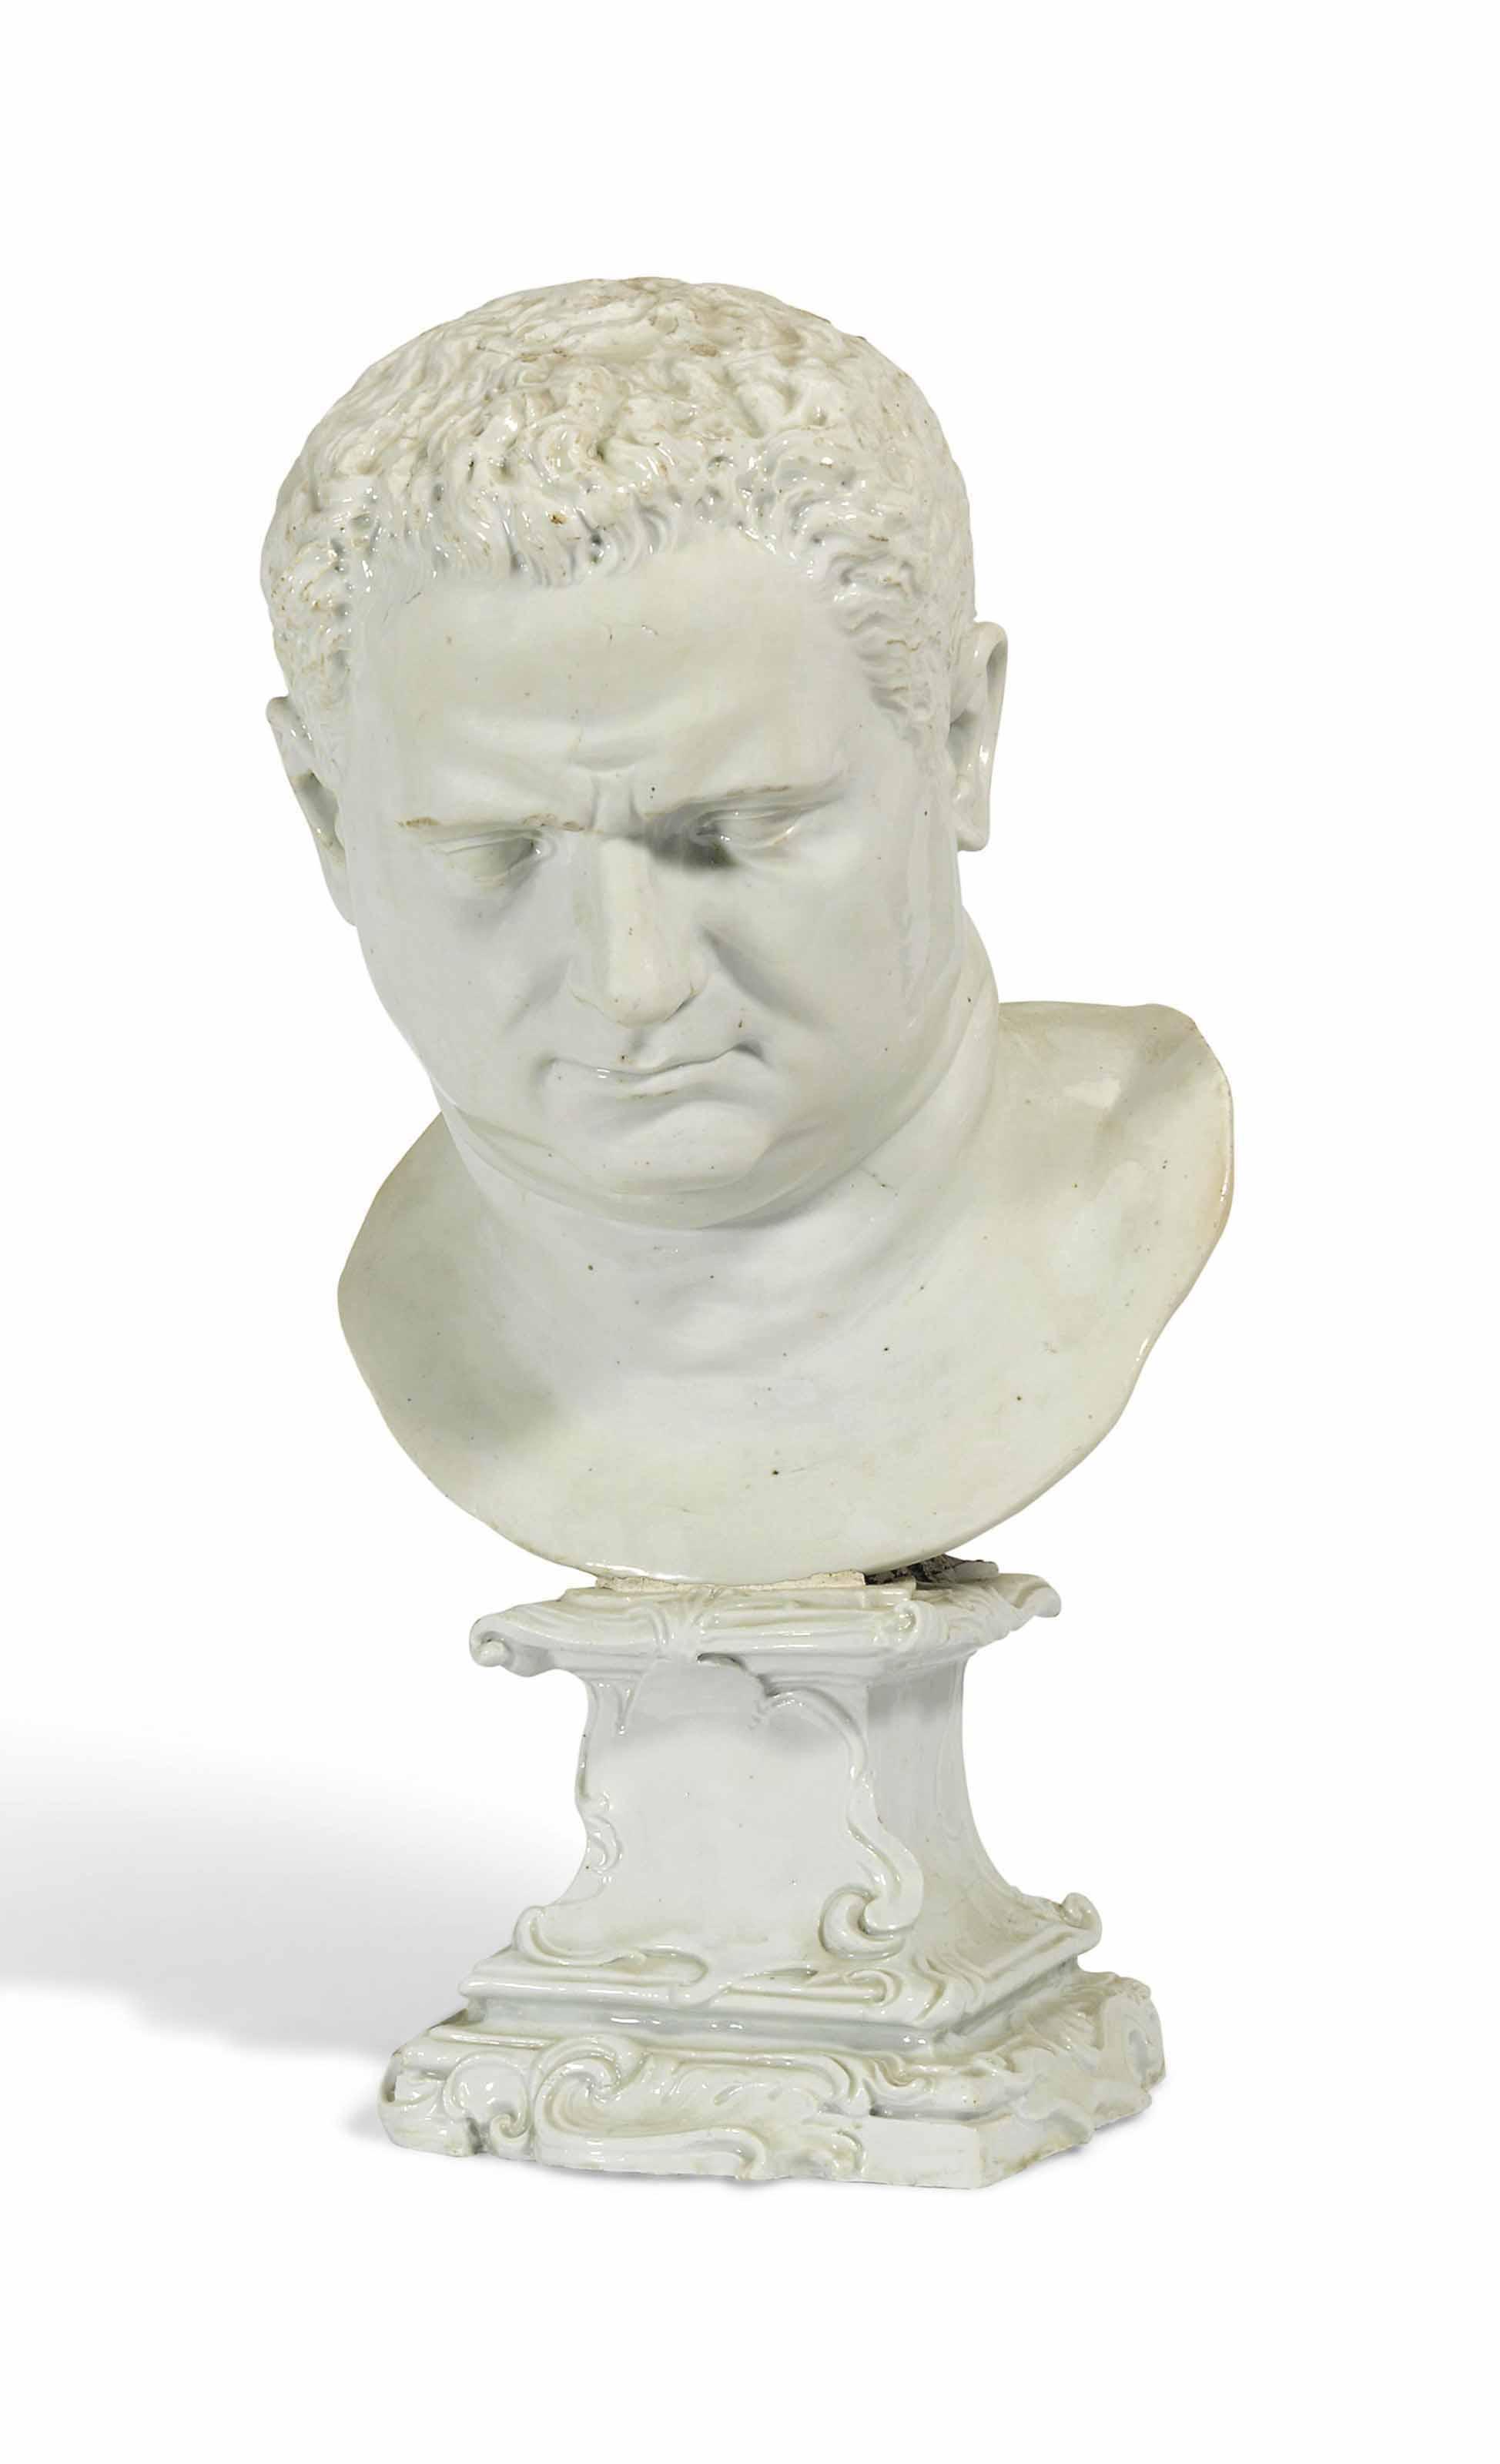 A DOCCIA (CARLO GINORI) WHITE PORTRAIT BUST OF THE EMPEROR VITELLIUS